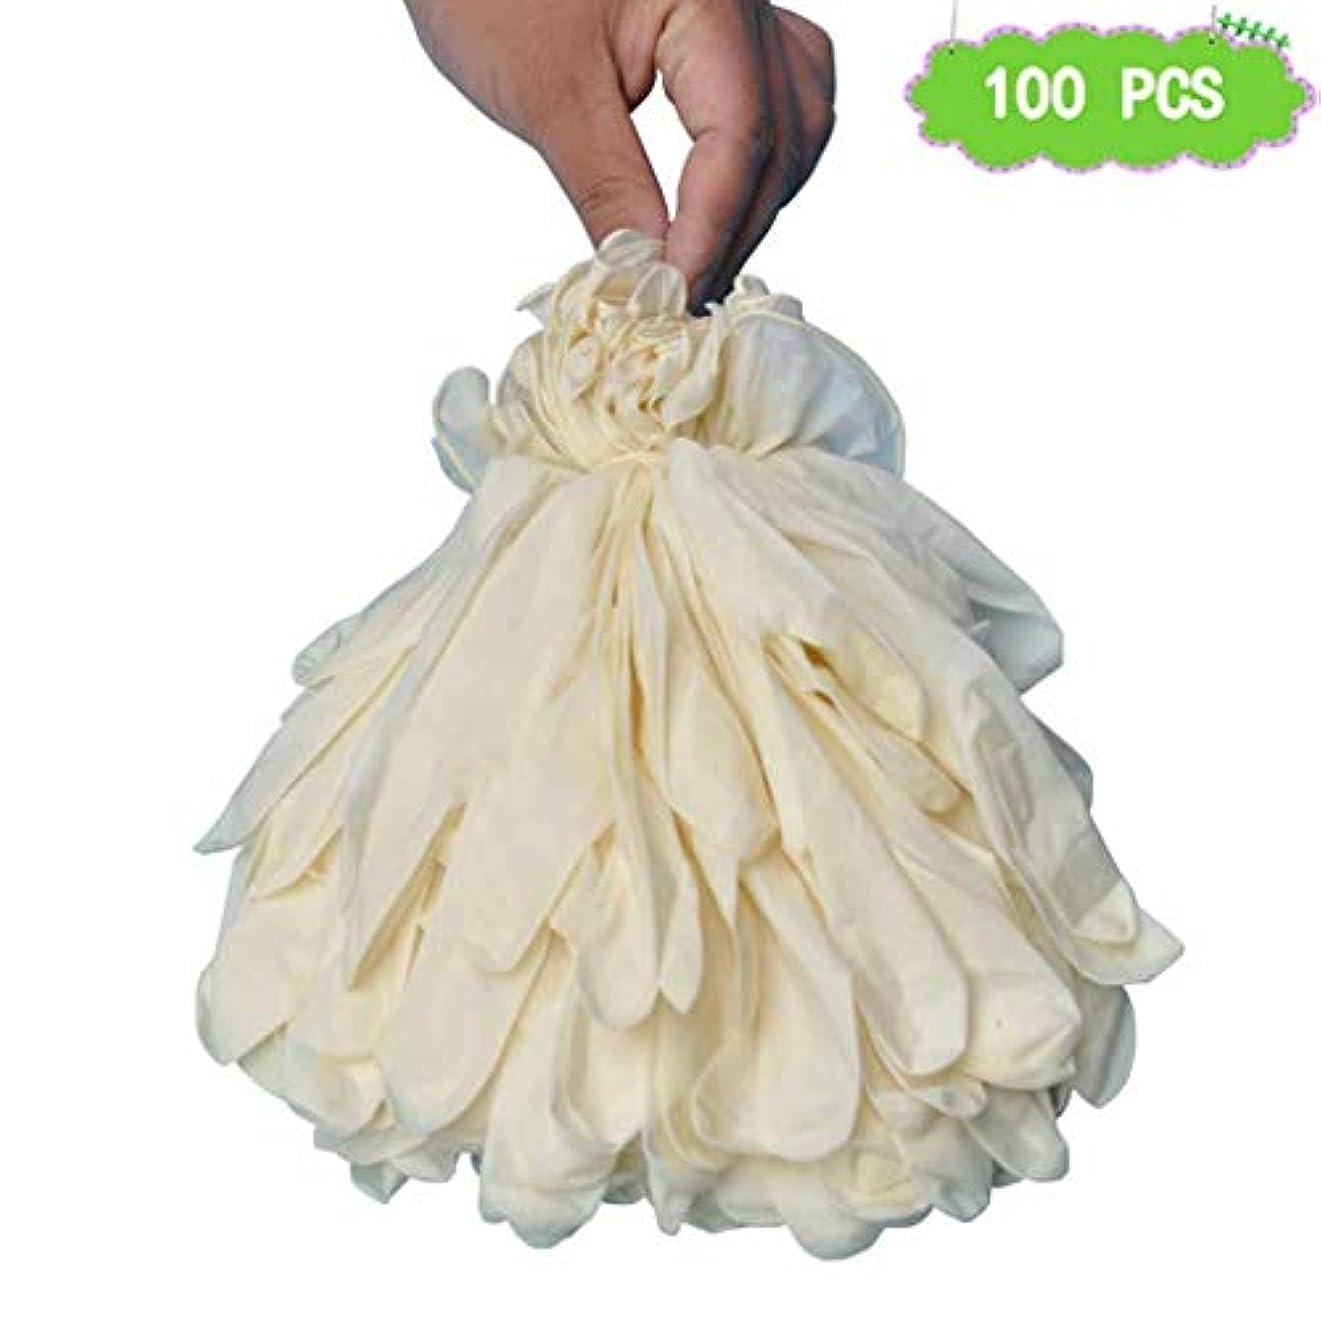 タウポ湖薬決済白いラテックス手袋使い捨てゴム手袋食品使い捨て手袋ペットケアネイルアート検査保護実験、美容院ラテックスフリー、、 100個 (Size : M)